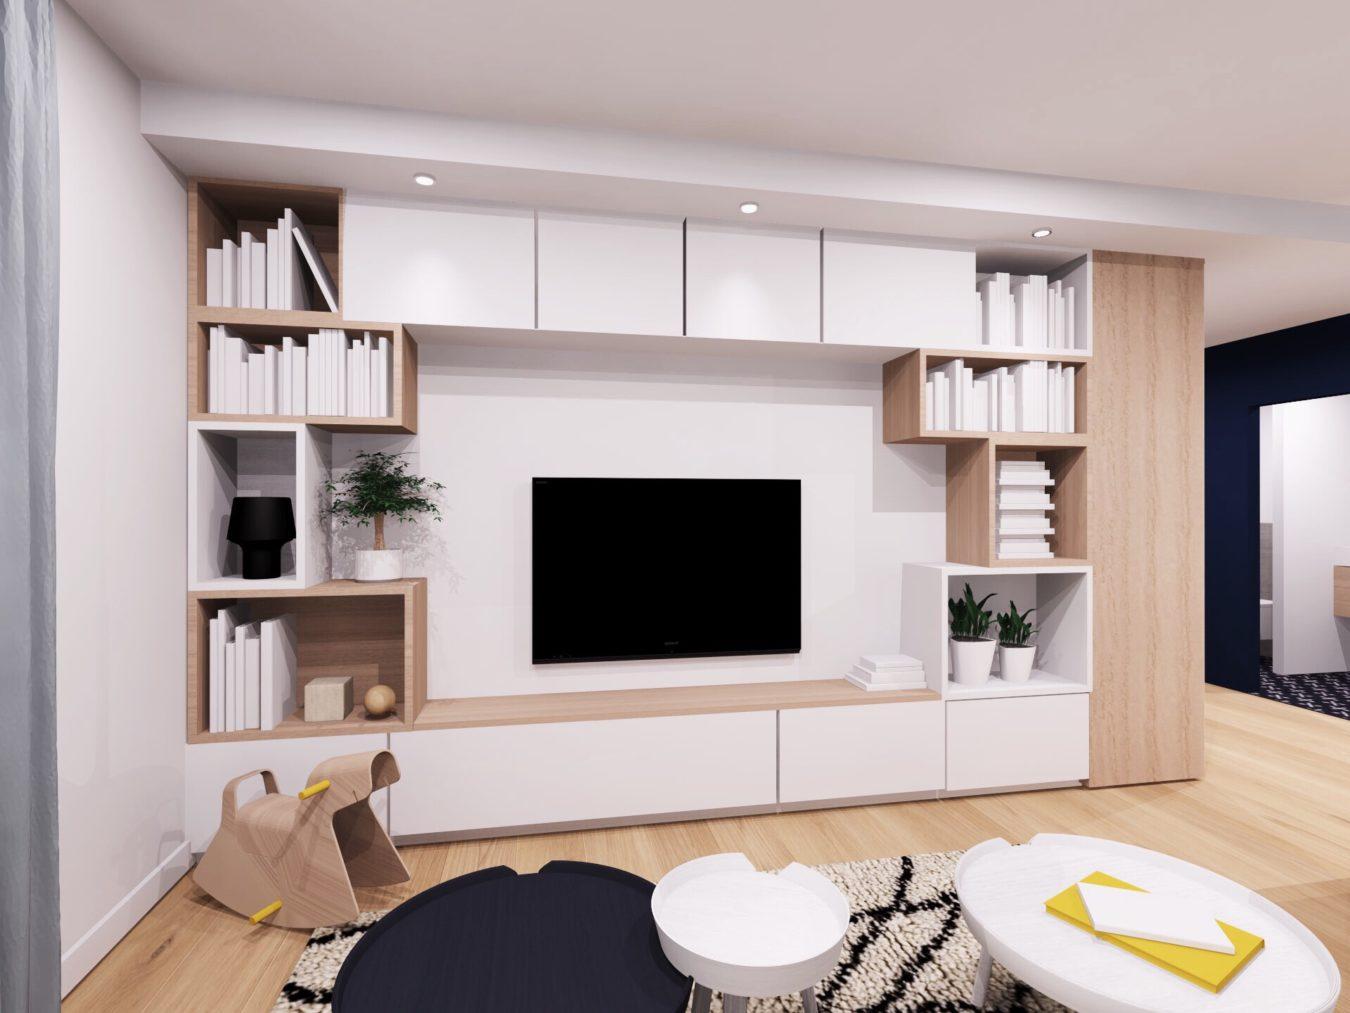 Anouck Charbonnier - Conception d'une bibliothèque design en appartement